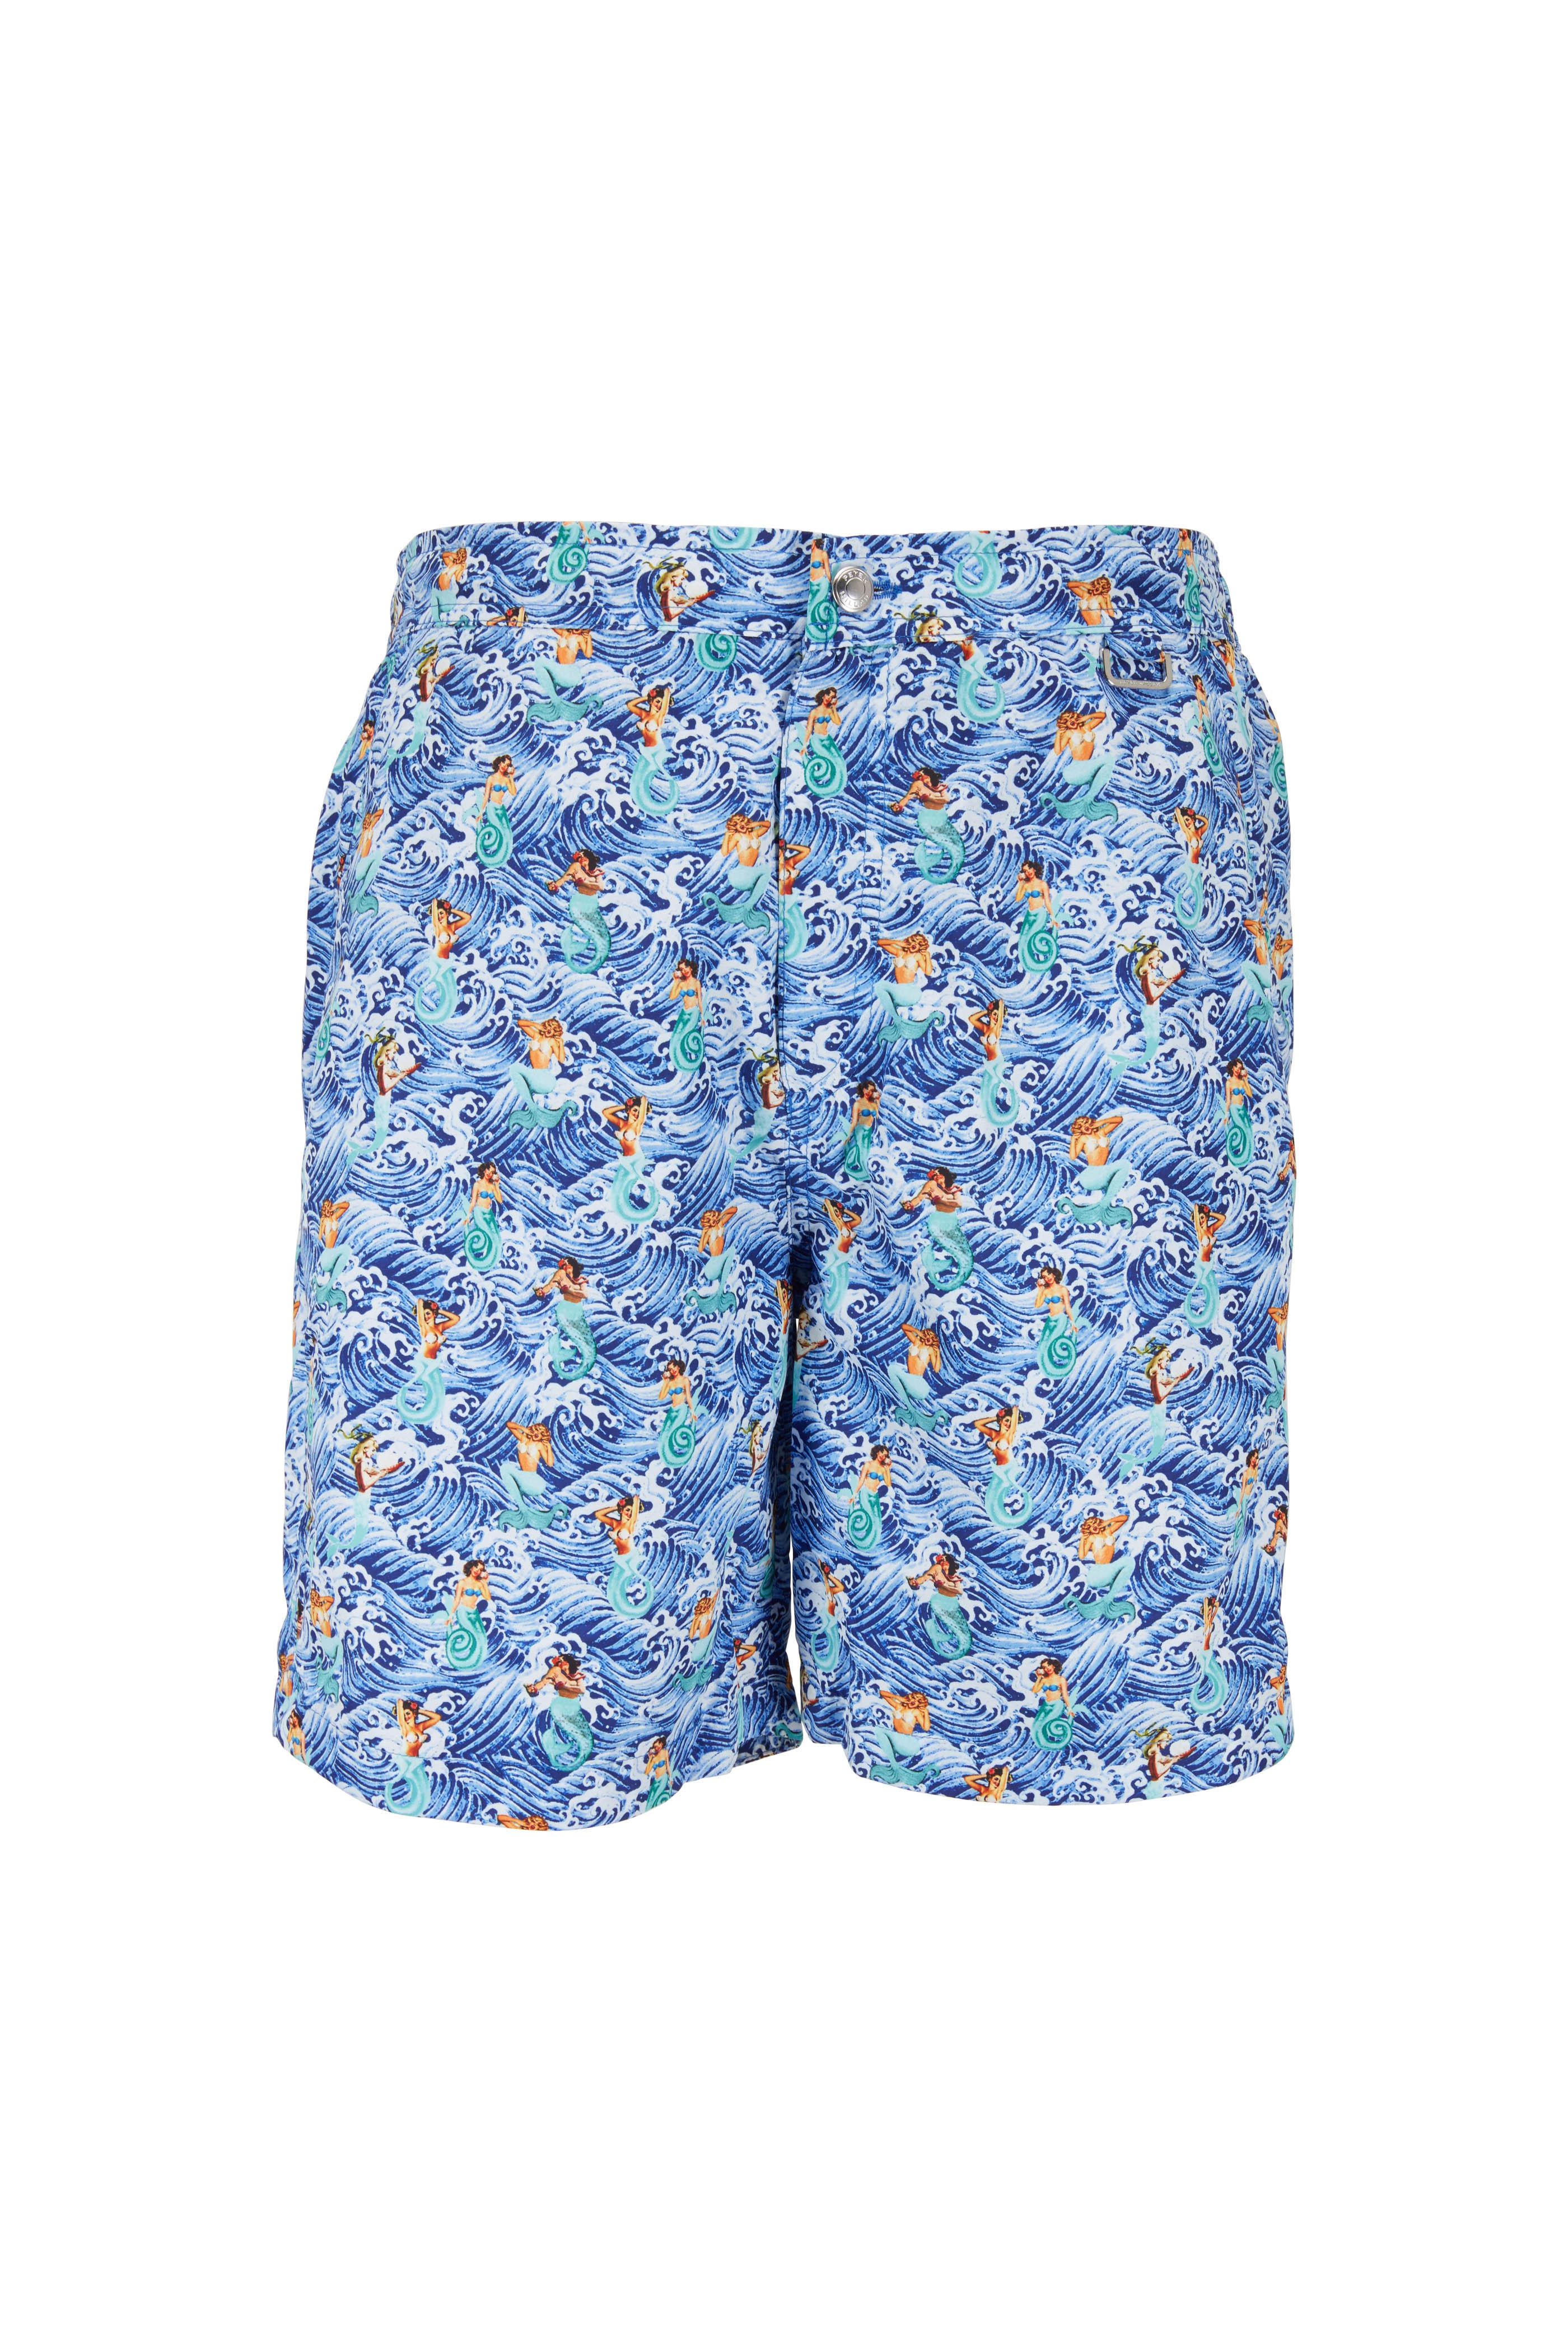 8cb2cf6451 Peter Millar - Blue Sea Foam & Mermaid Swim Trunks   Mitchell Stores